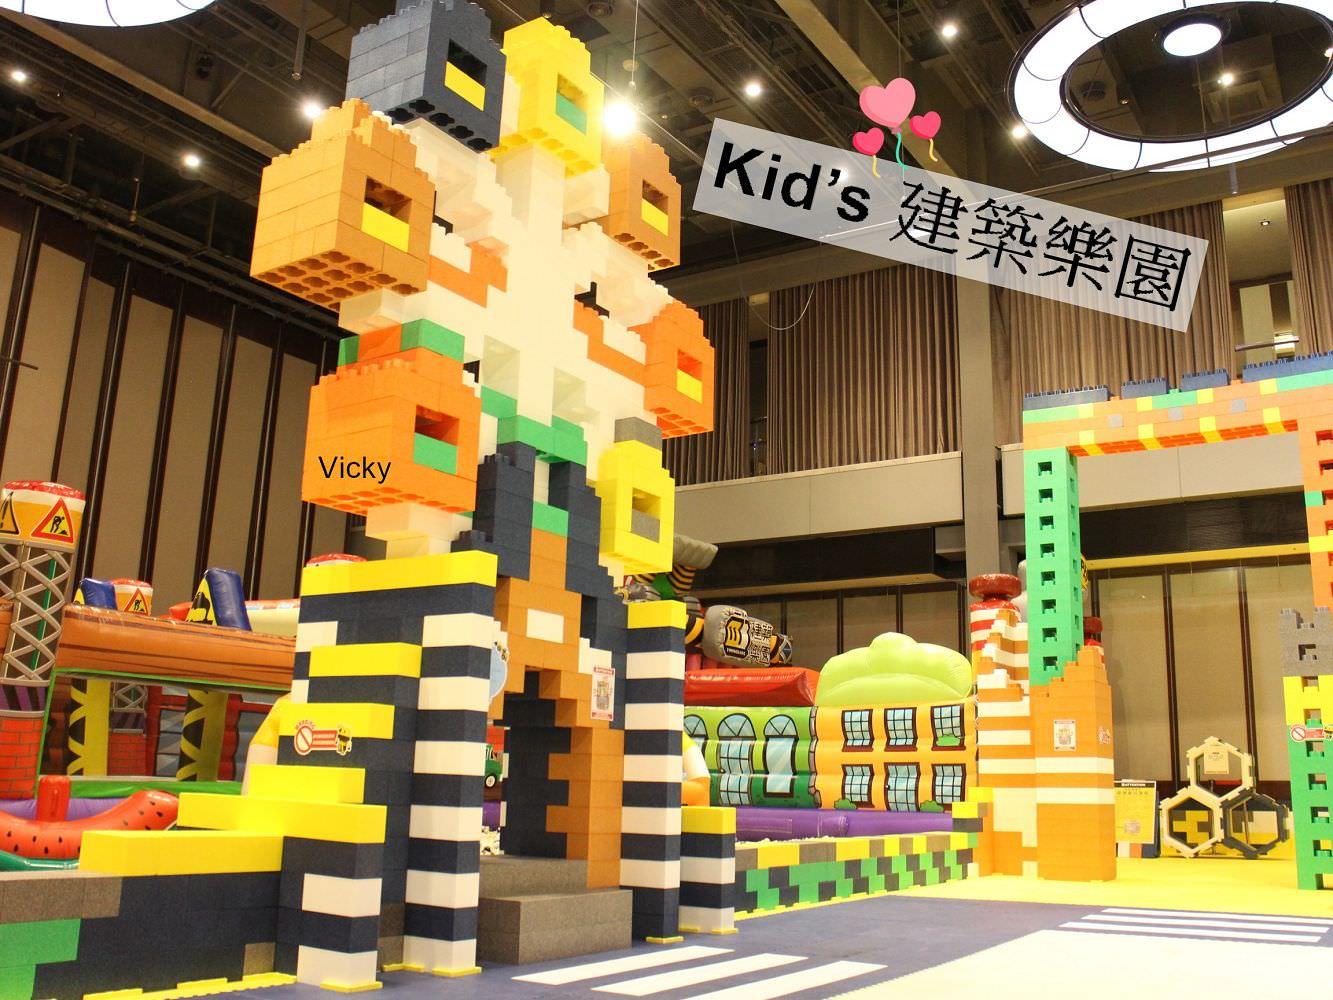 高雄活動體驗︱高雄親子景點︱寒假就到全台最大KID'S積木建築樂園當小小建築師